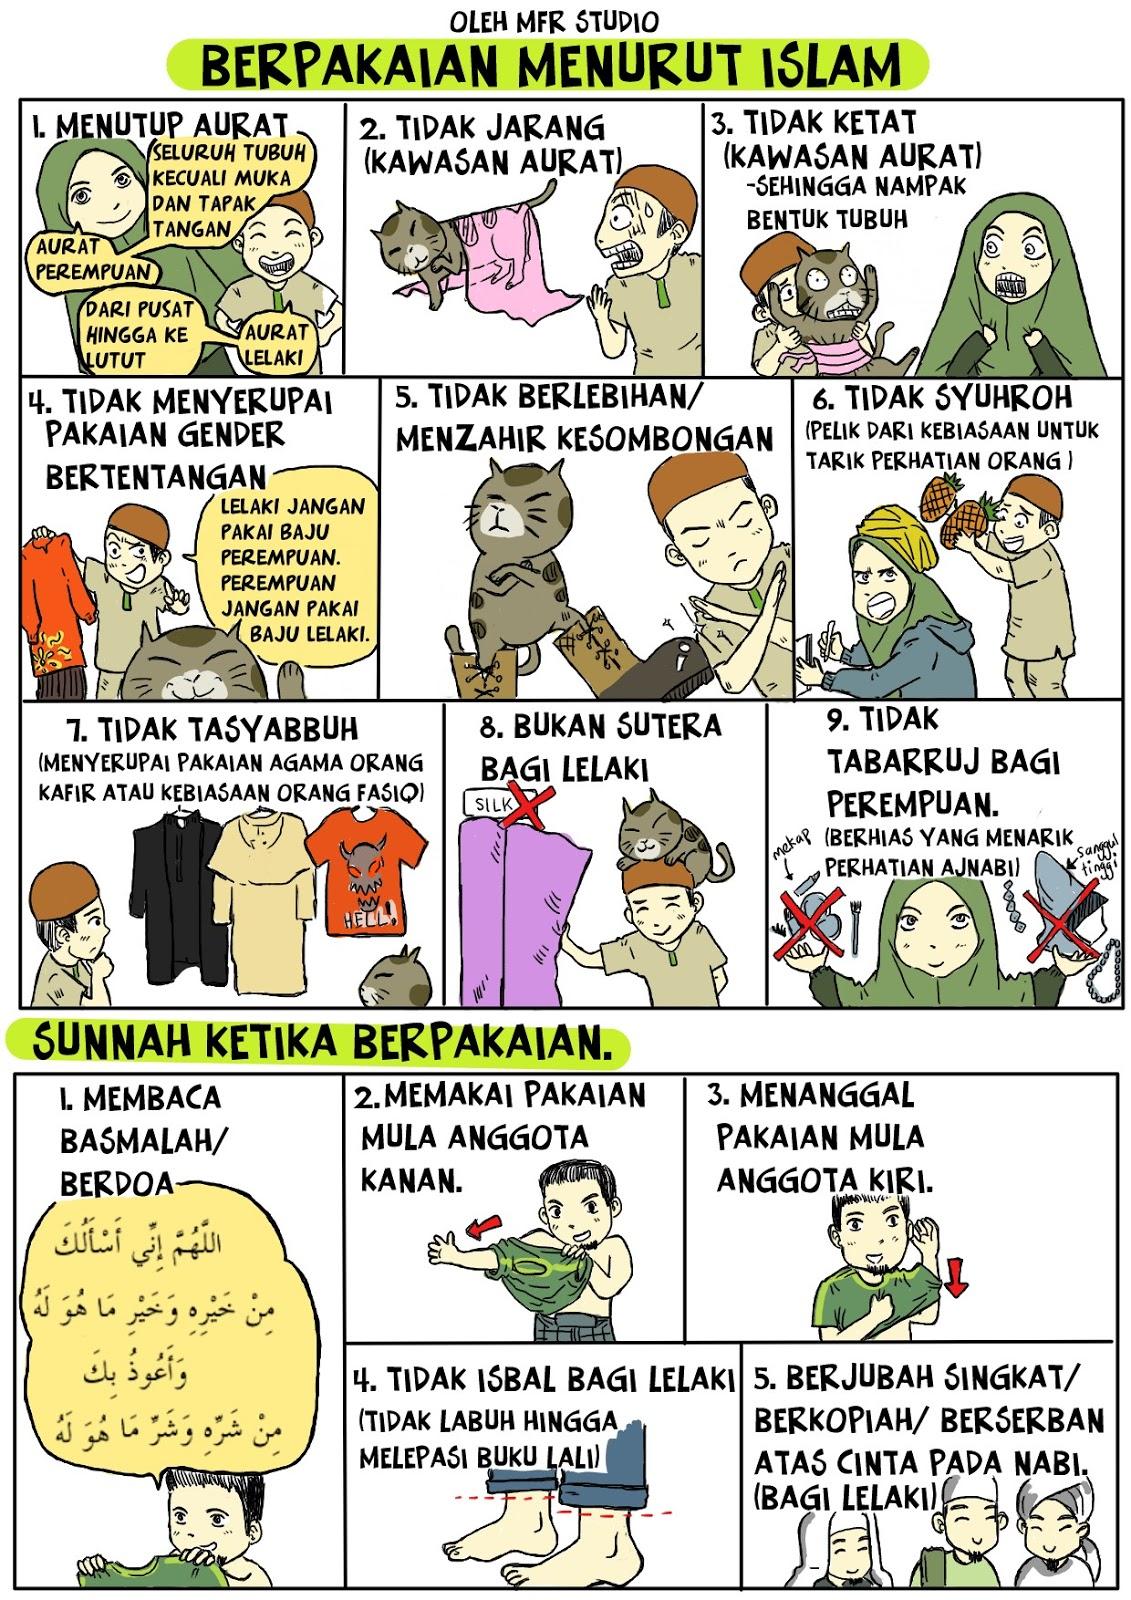 Adab Berpakaian Menurut Islam Pakaian Wajib Sunnah Dan